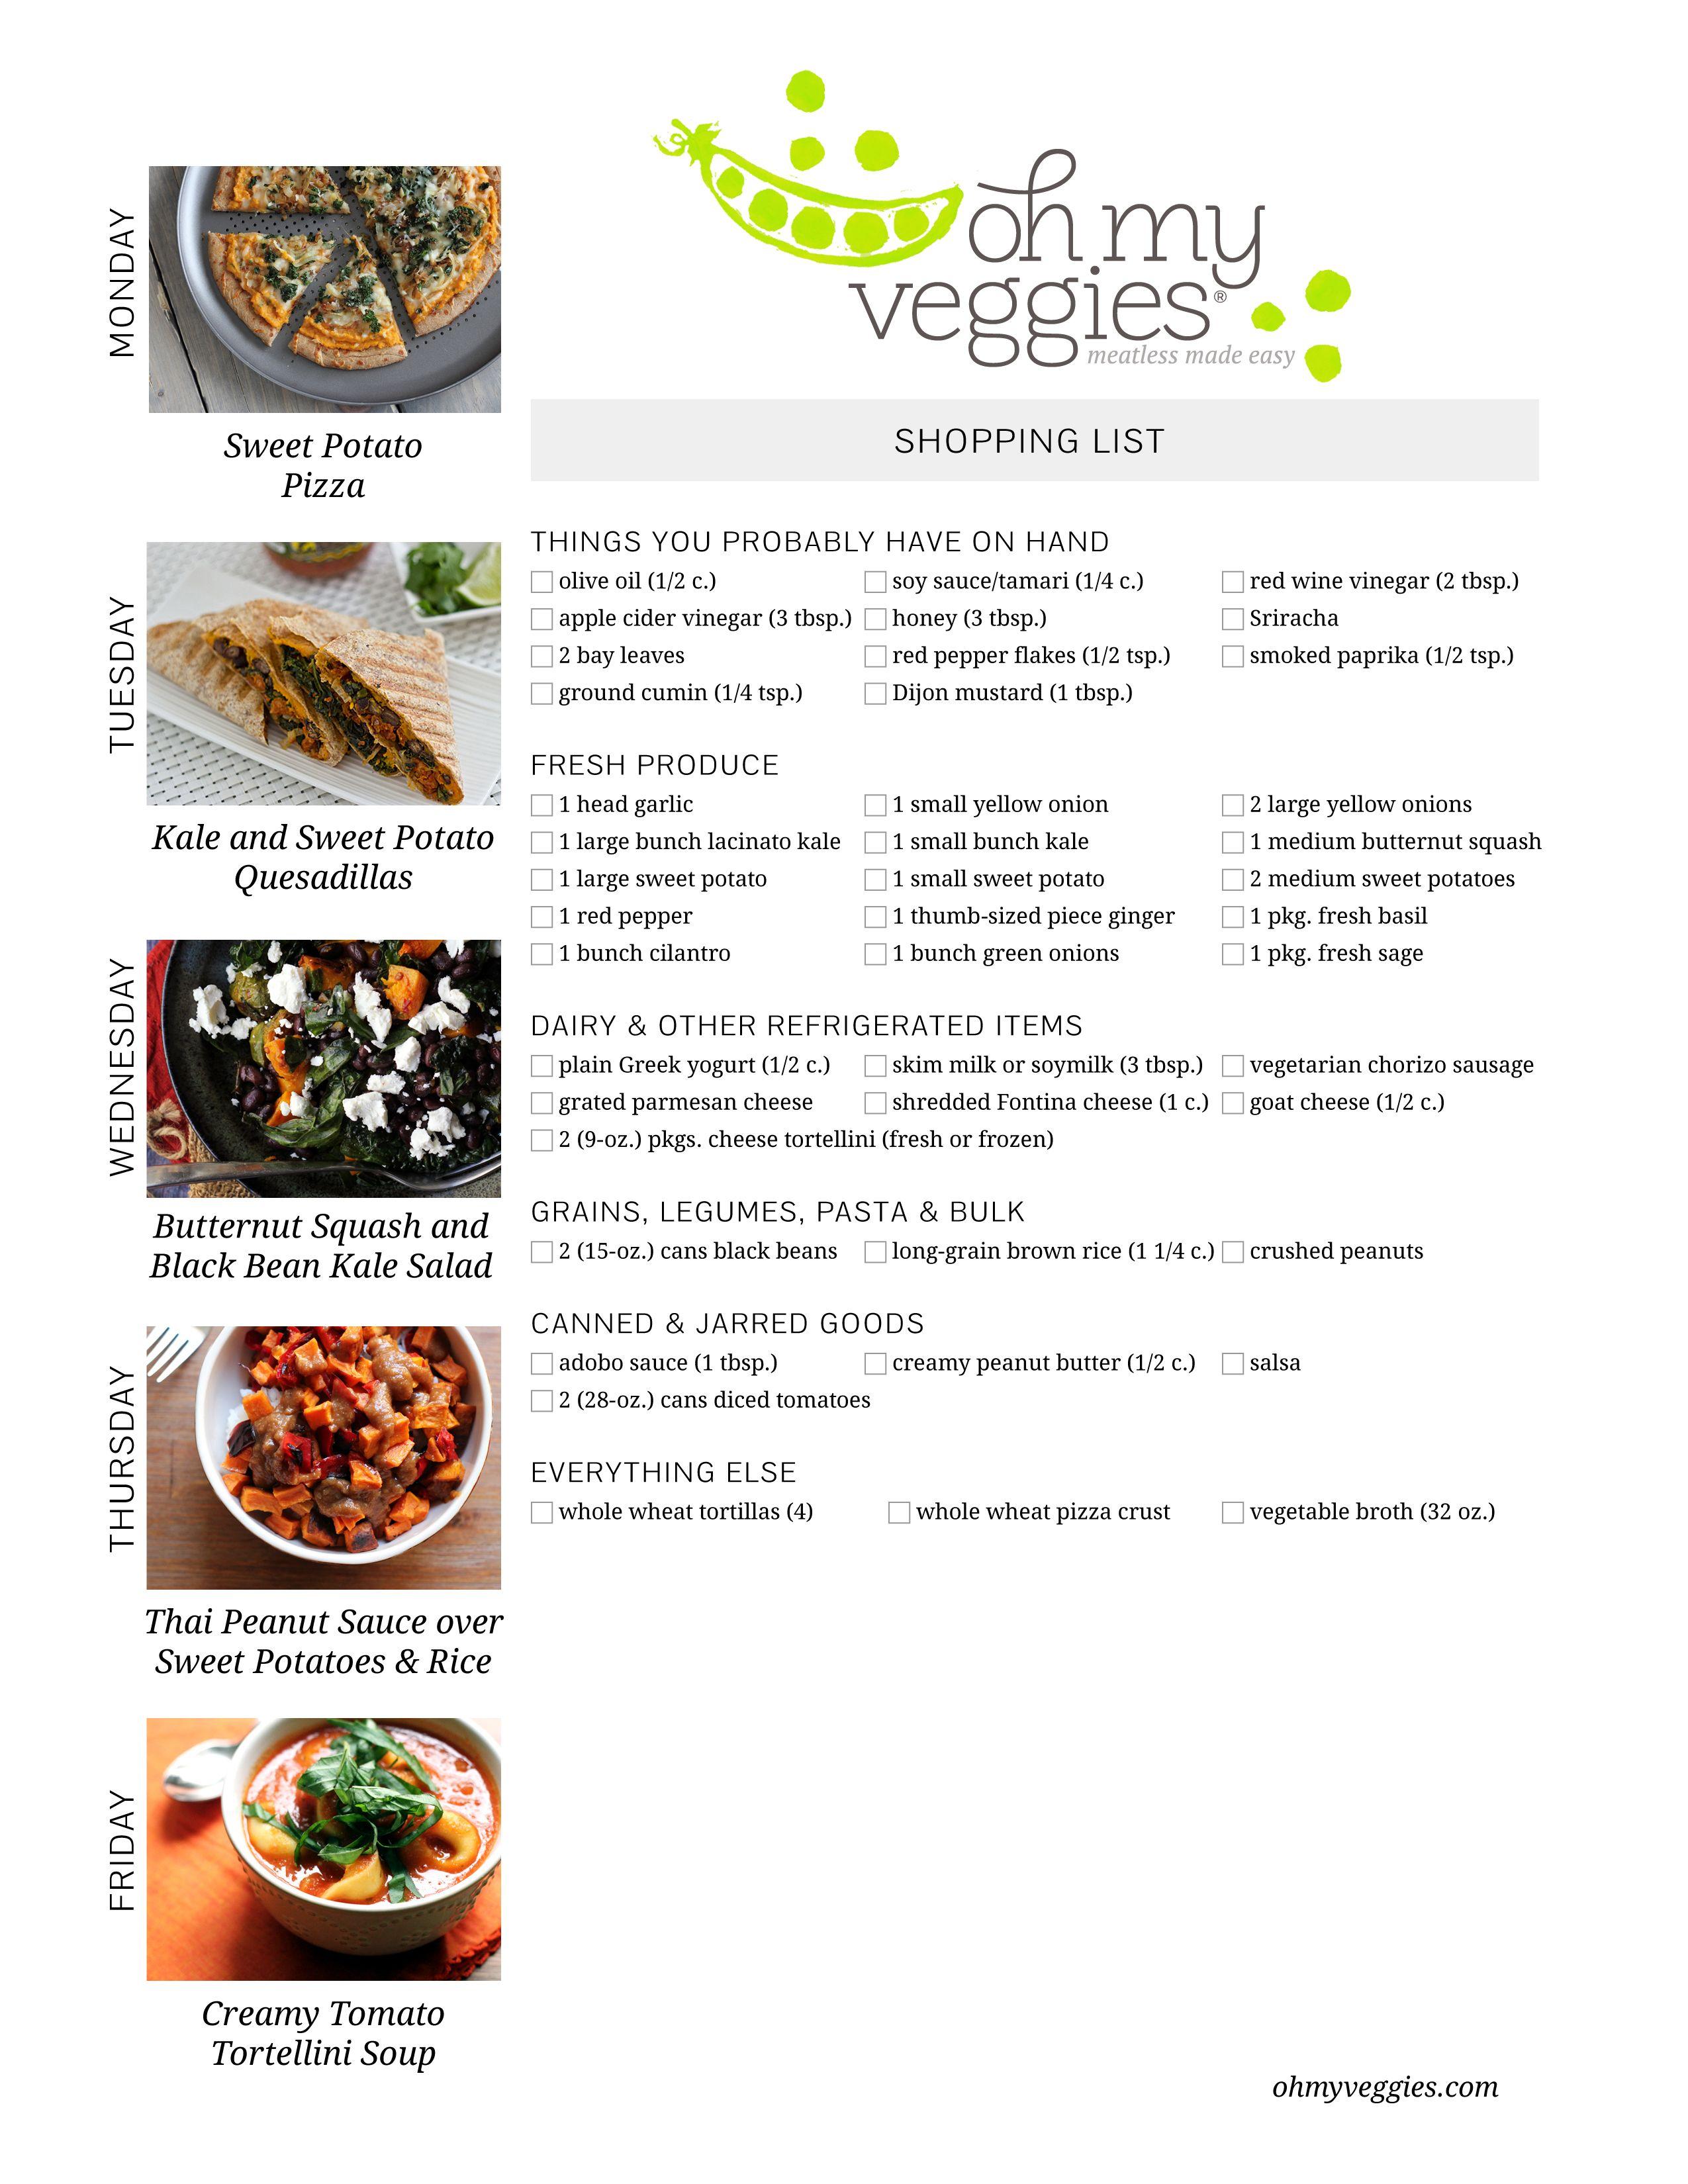 This Week's Meatless Meal Plan | Meatless dinner ideas, Stir fry ...